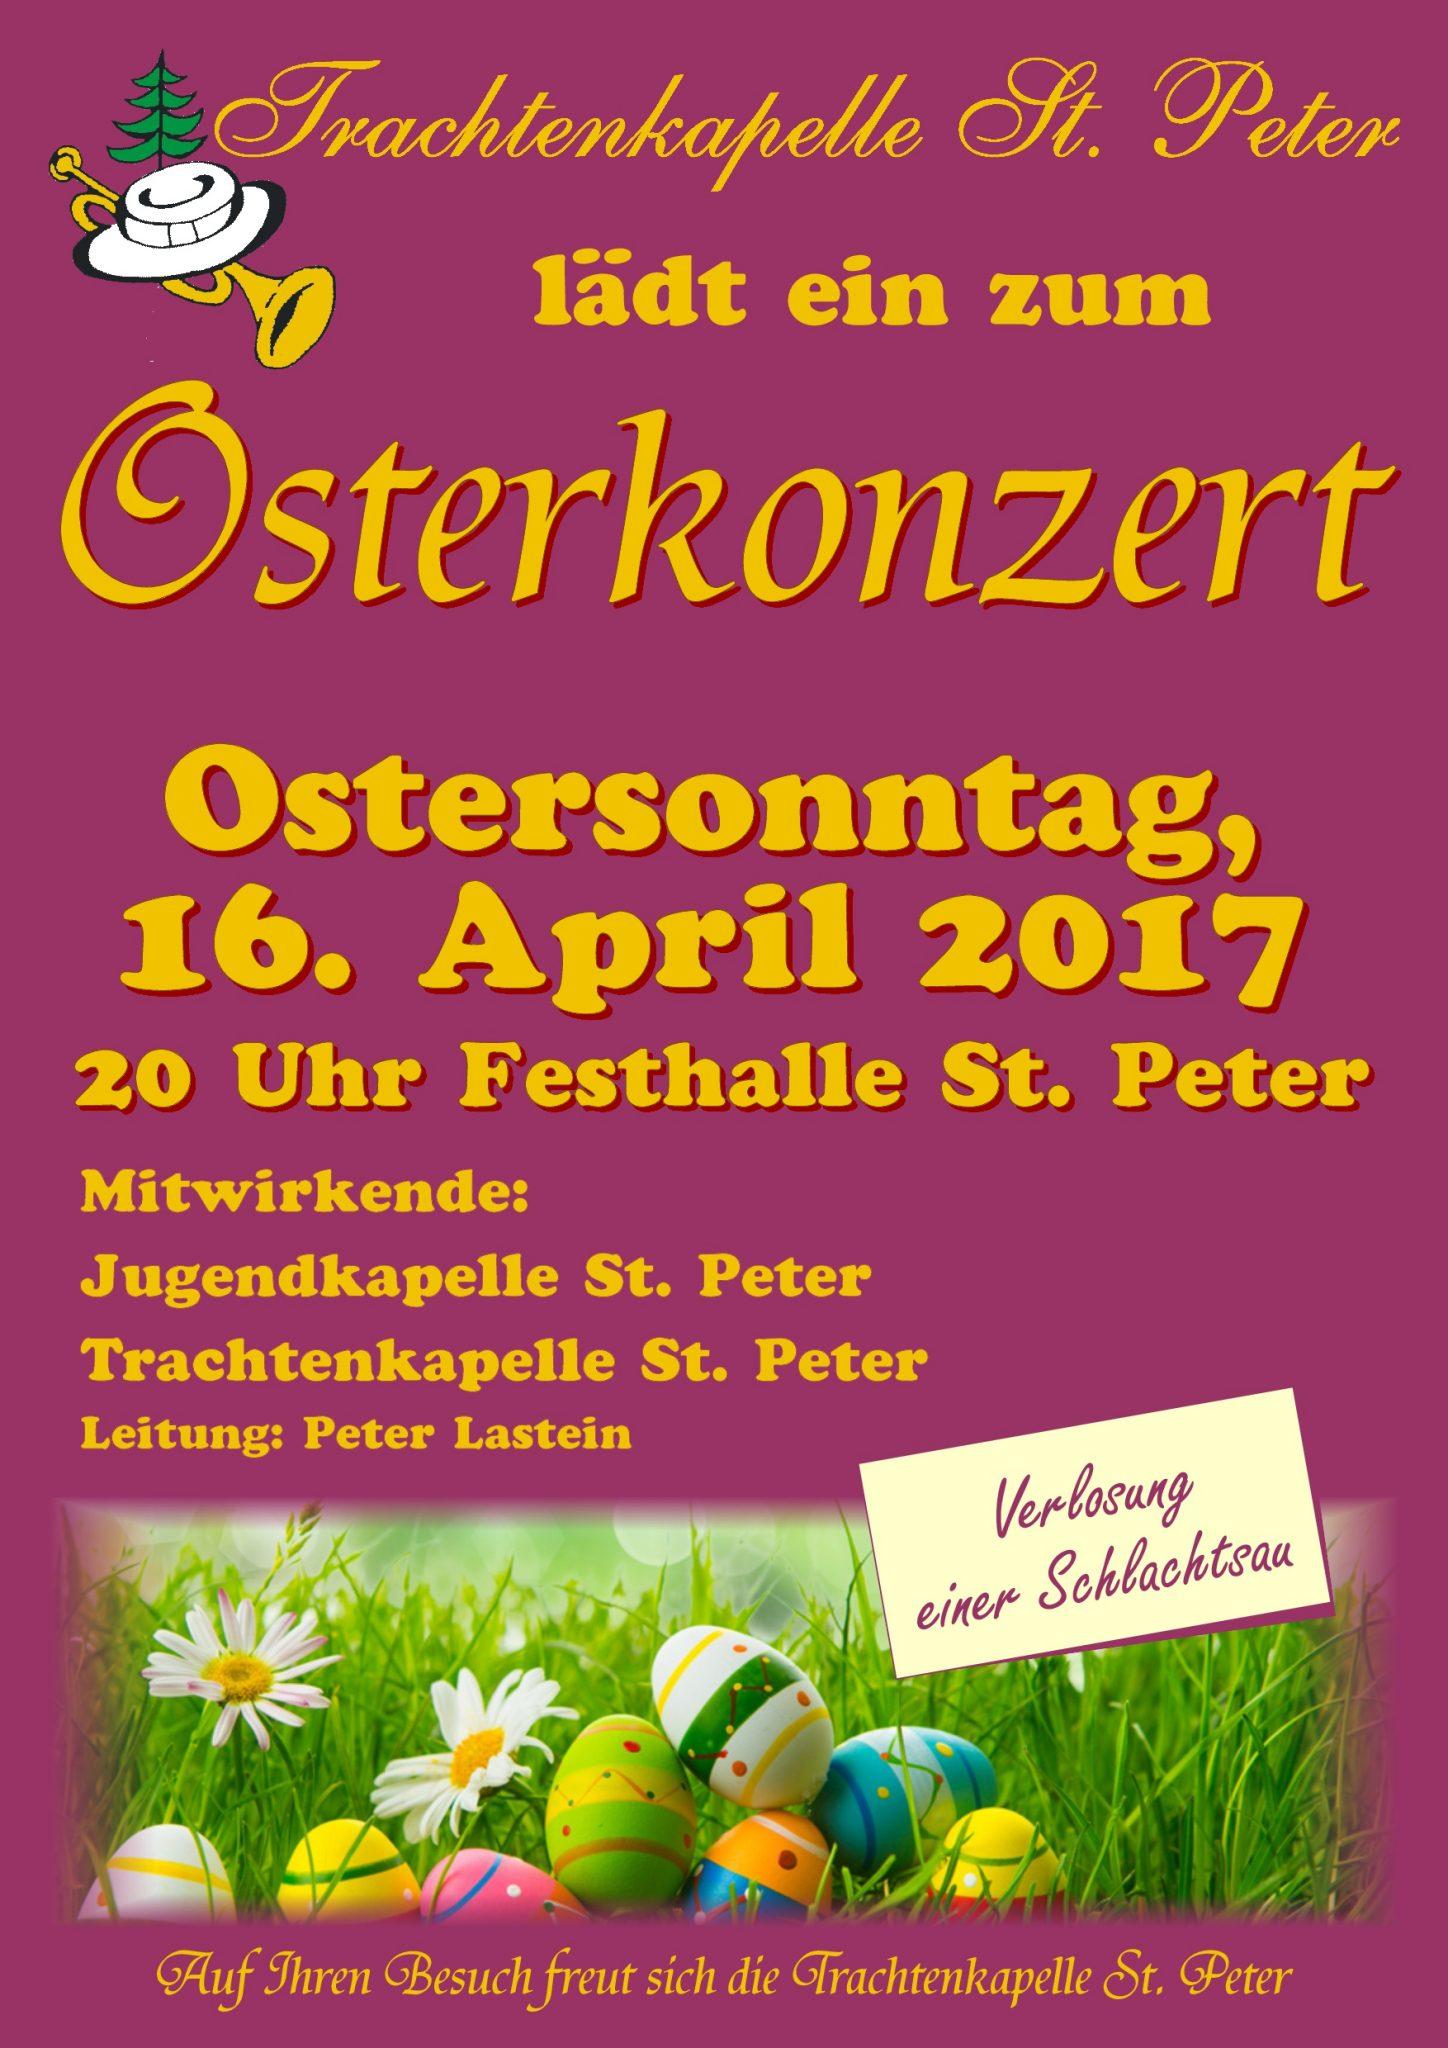 Osterkonzert